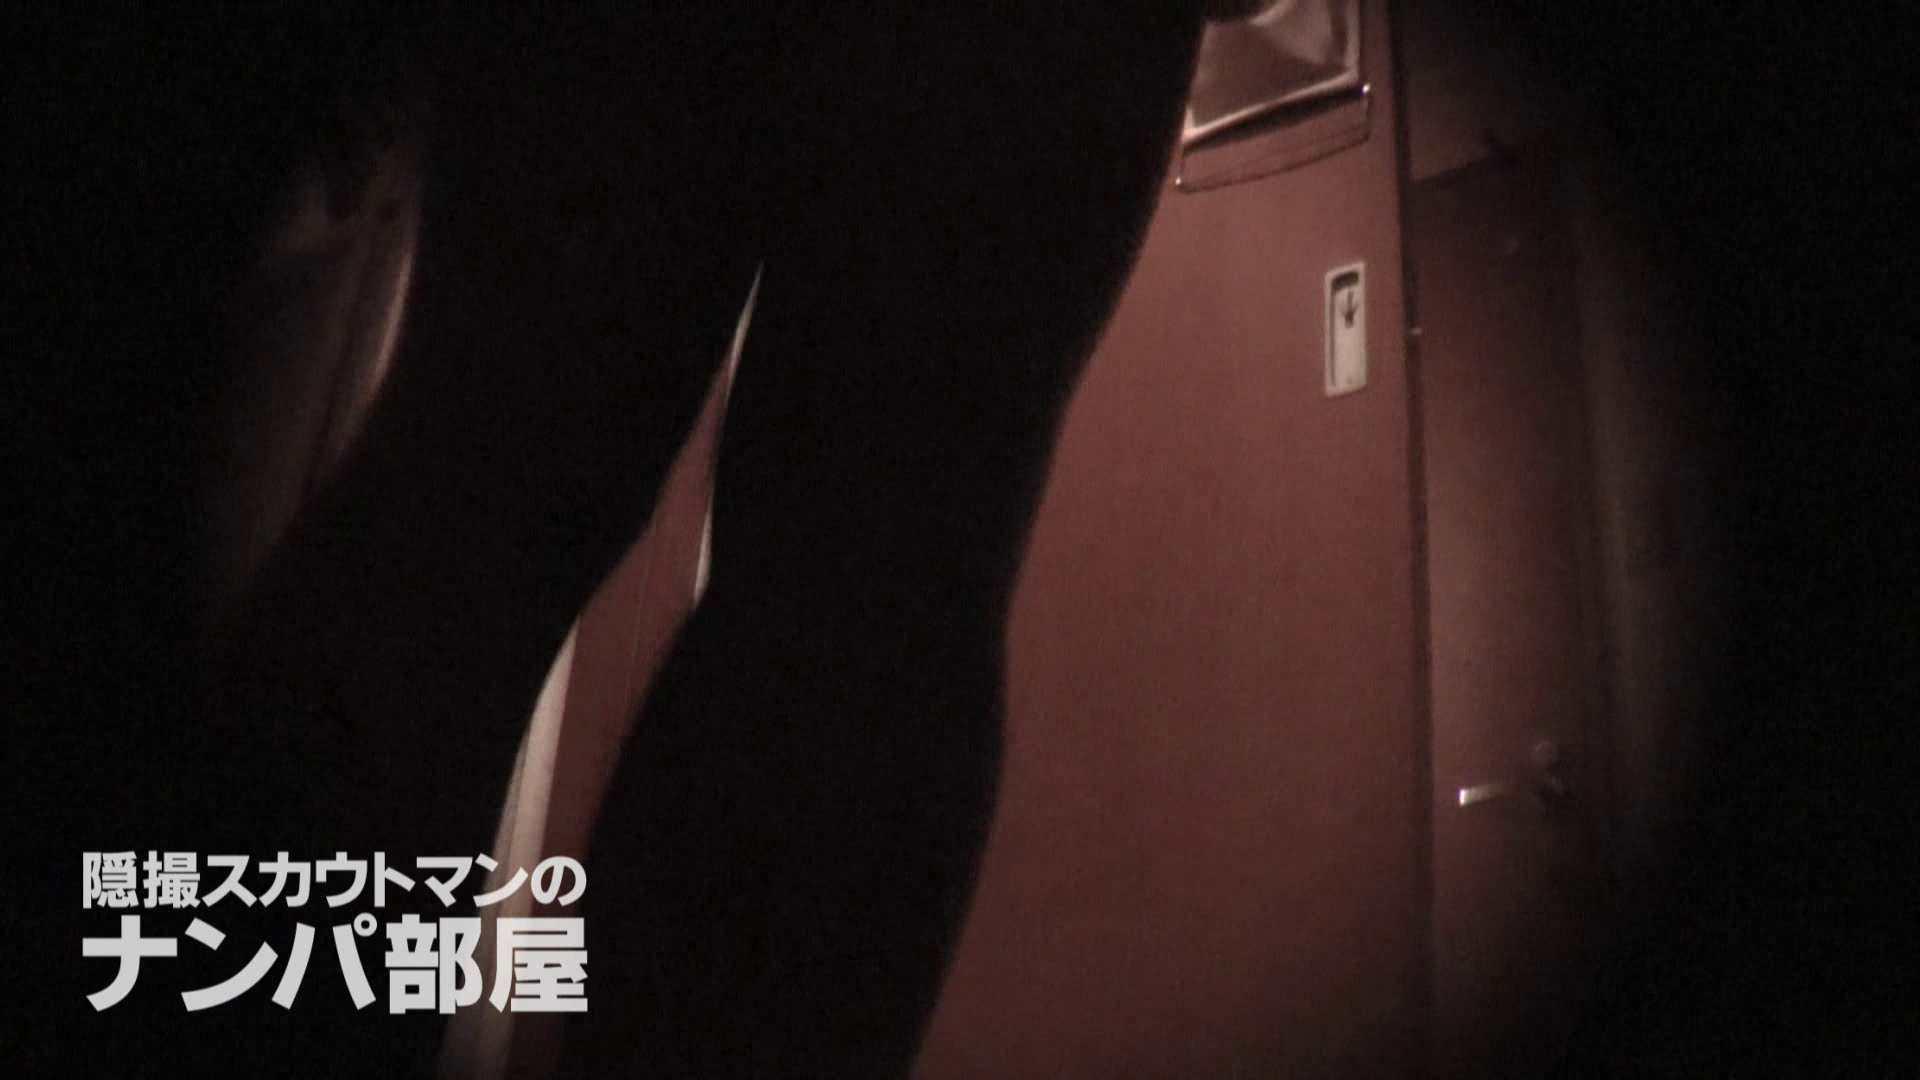 隠撮スカウトマンのナンパ部屋~風俗デビュー前のつまみ食い~ sii 脱衣所 | 隠撮  68画像 22